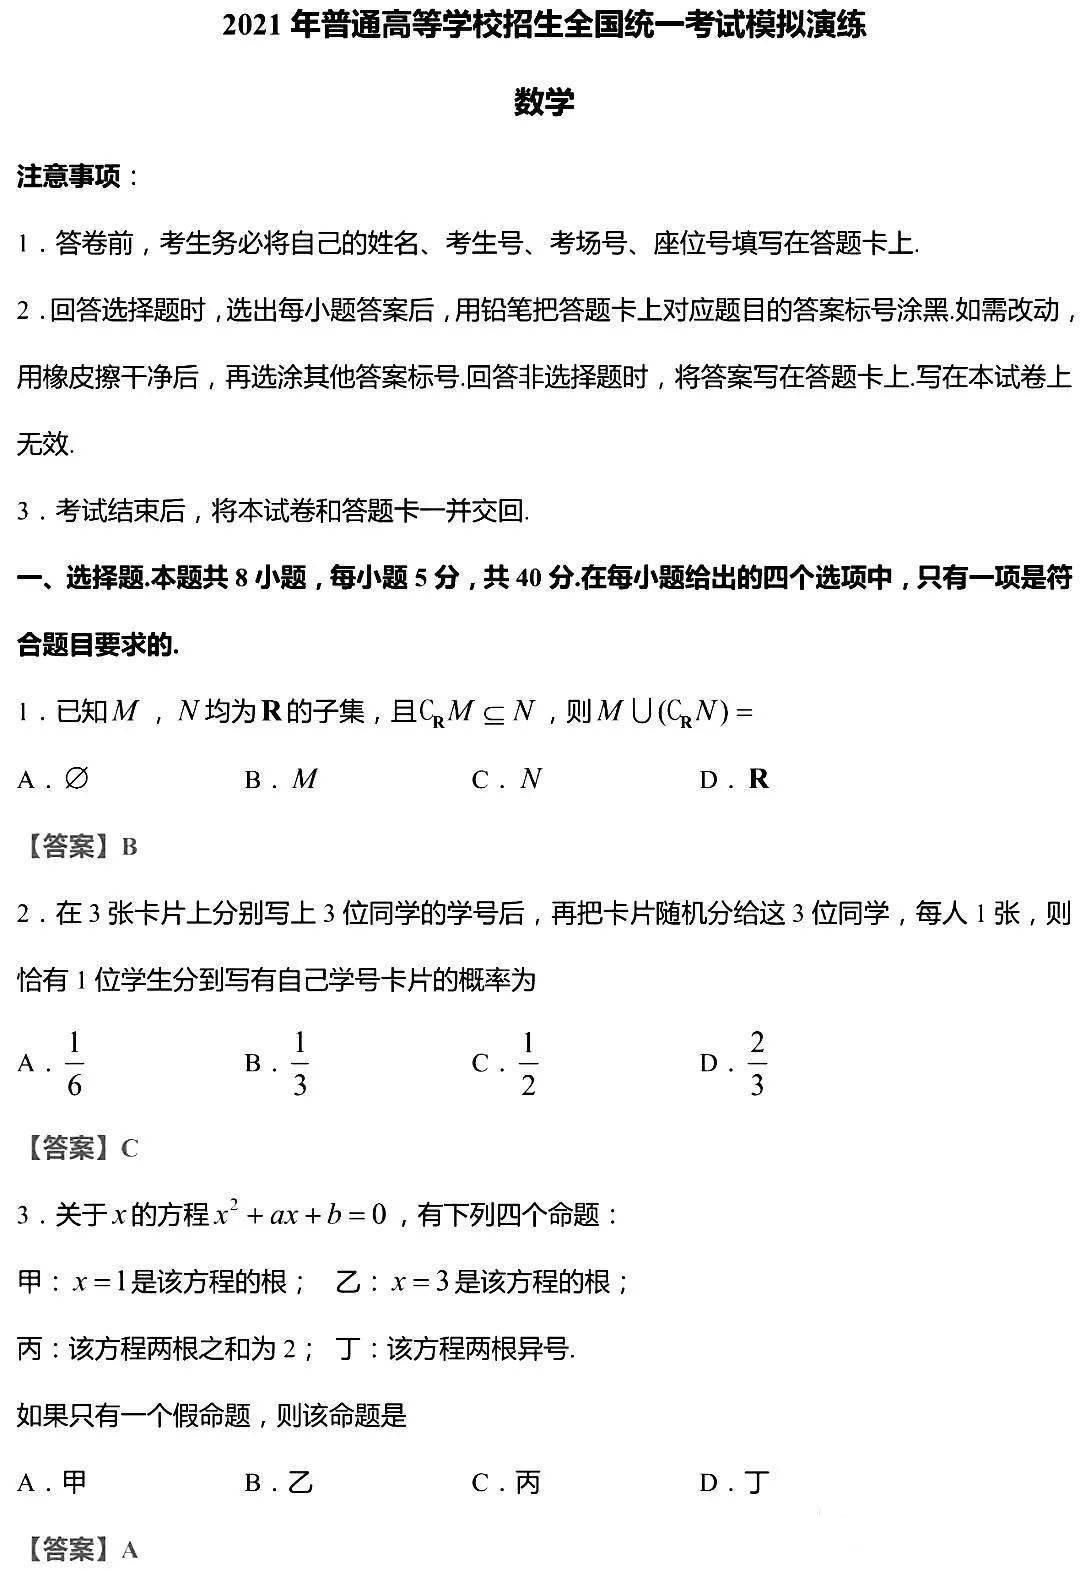 八省联考丨2021新高考适应考数学试题及参考答案